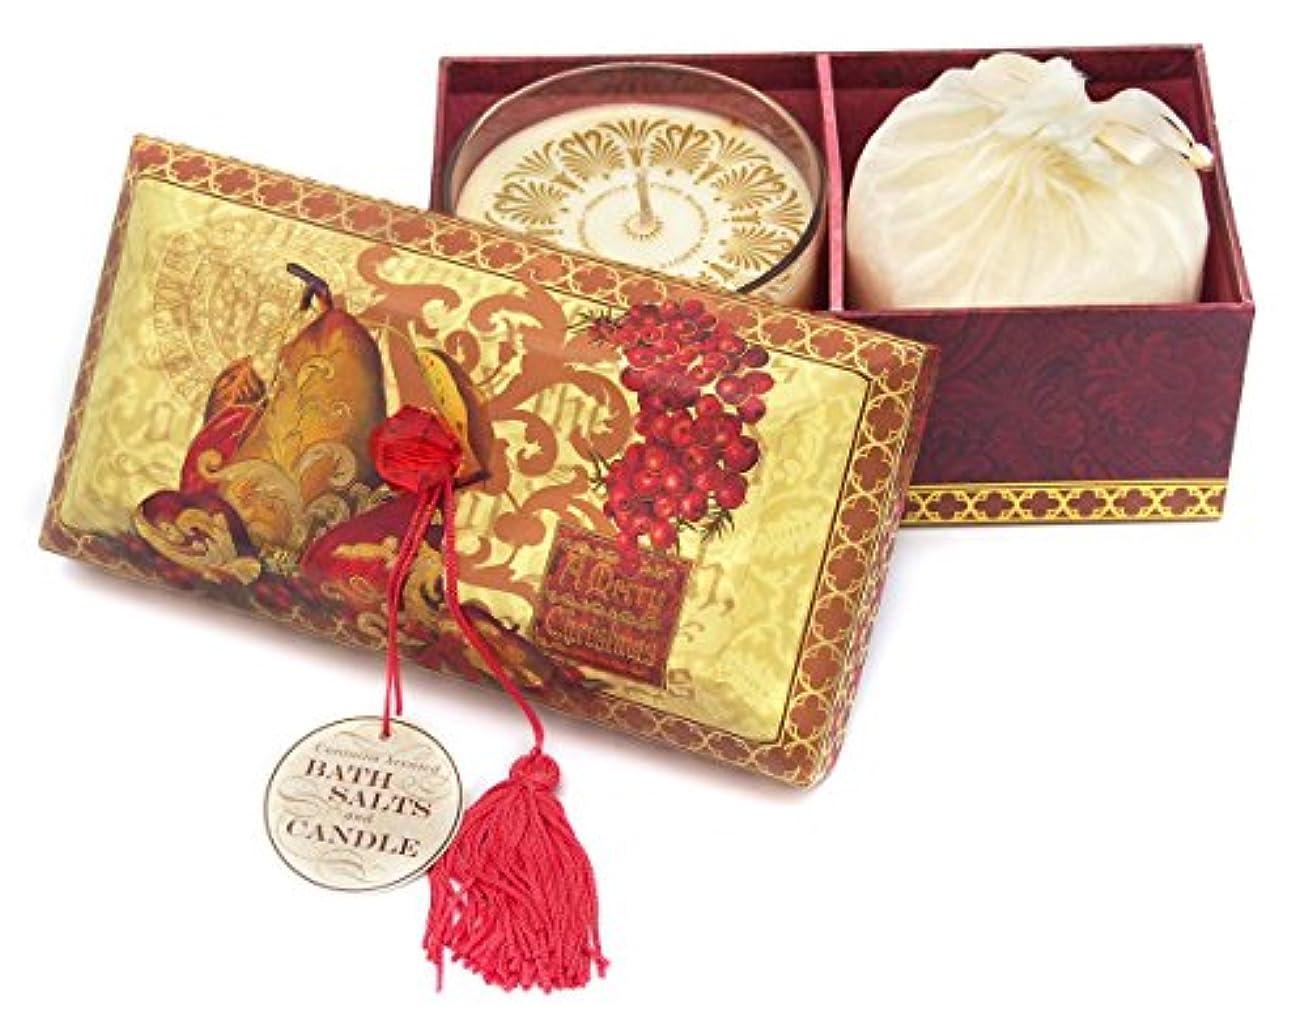 つば間接的共役パンチスタジオ バスソルト&キャンドル A Merry Christmas 55003